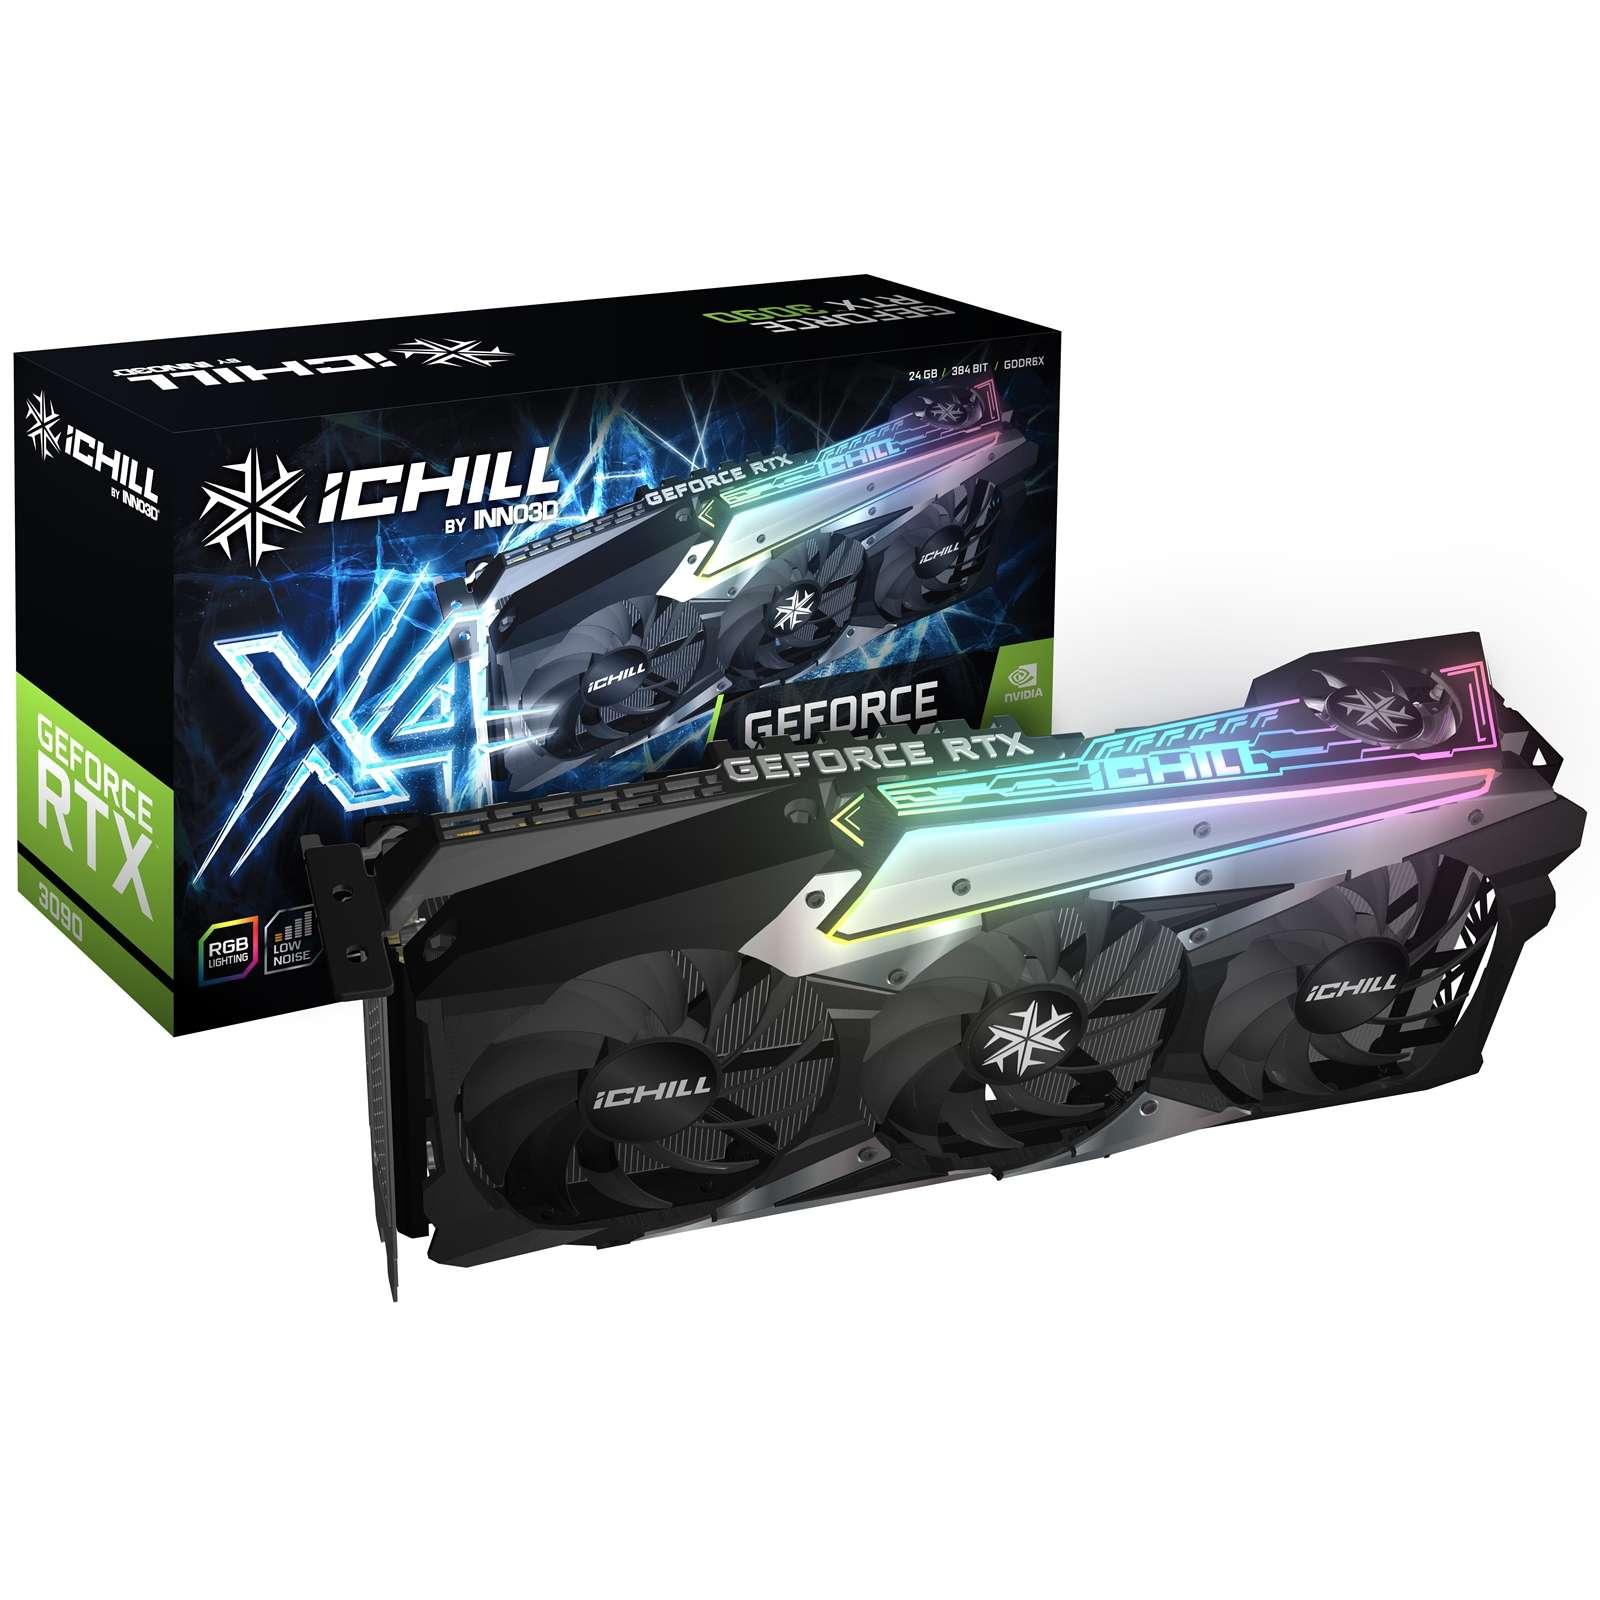 Inno3D Nvidia GeForce RTX 3090 ICHILL X4 24GB RGB Quad Fan Graphics Card